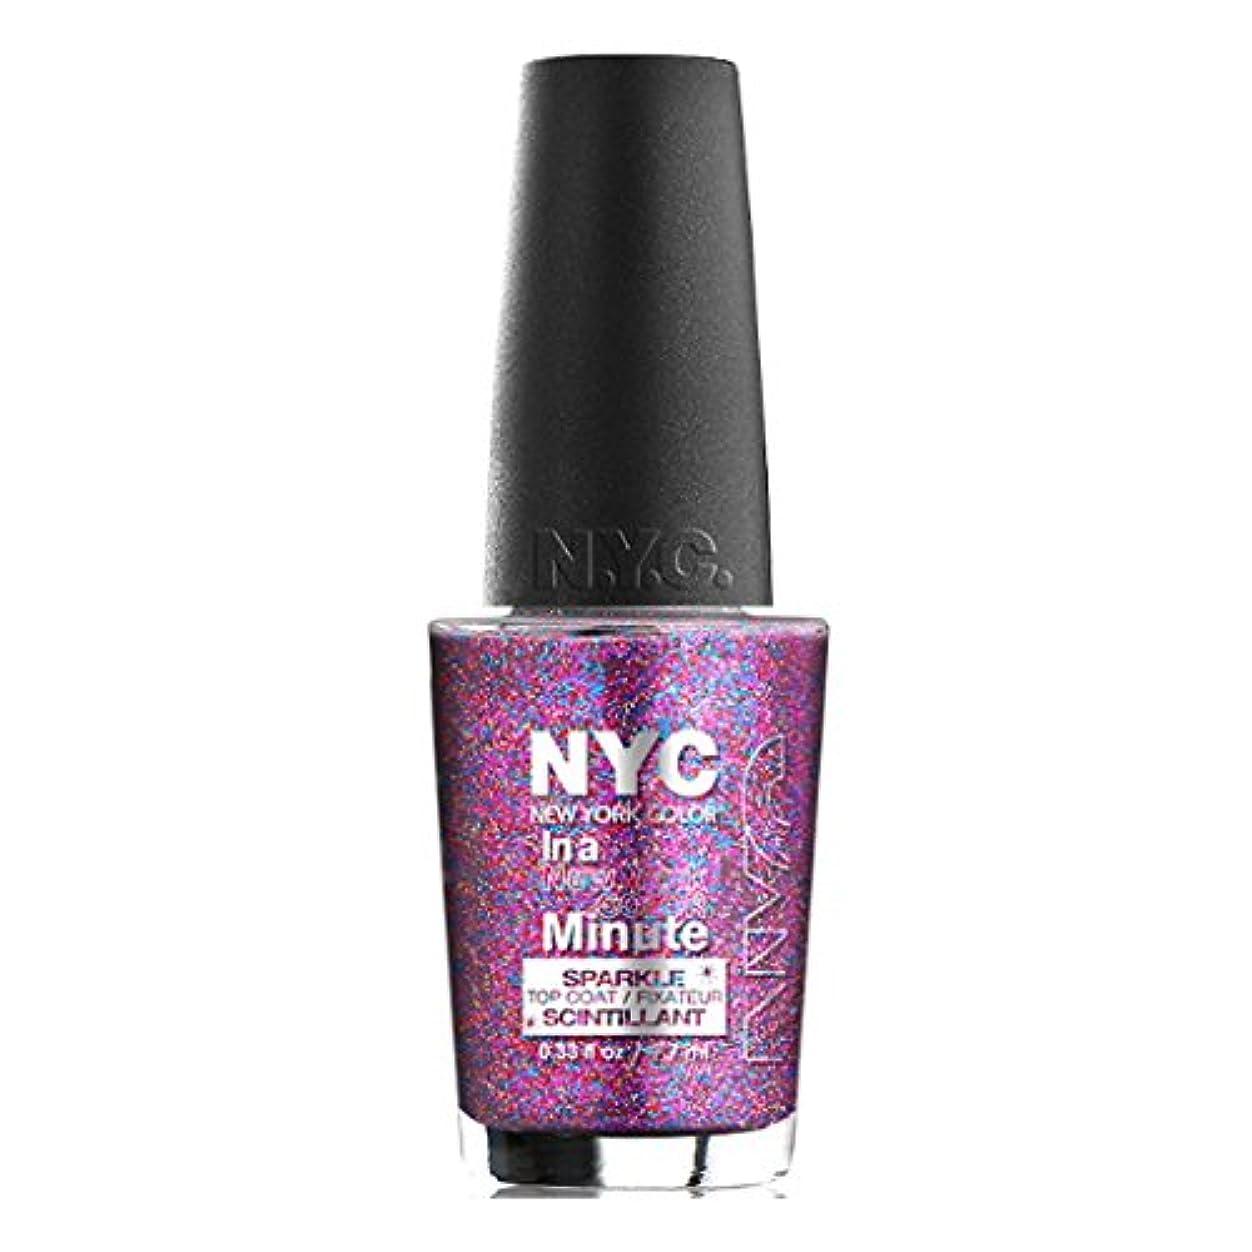 平日残酷なギネス(6 Pack) NYC In A New York Color Minute Sparkle Top Coat - Big City Dazzle (並行輸入品)